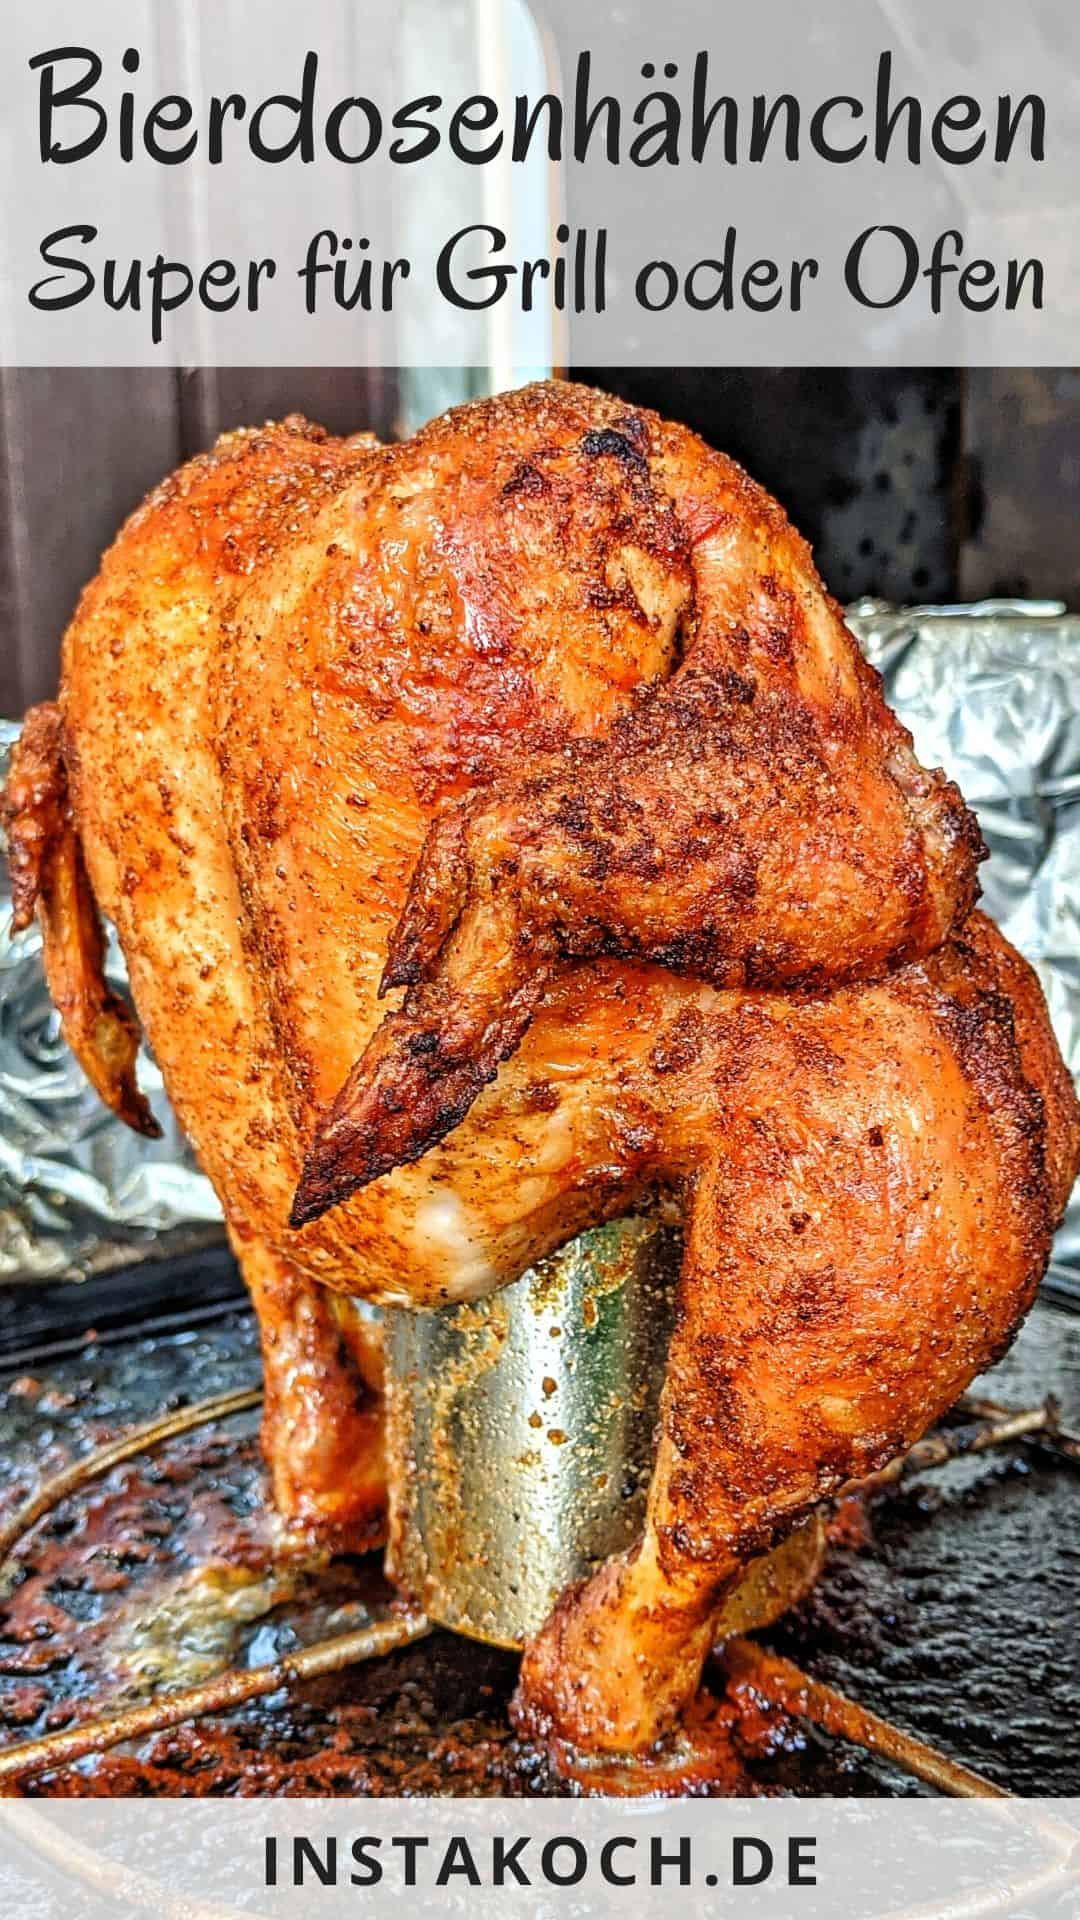 Ein gegrilltes Hähnchen auf einem Hähnchenhalter das auf einer Grillplatte steht.